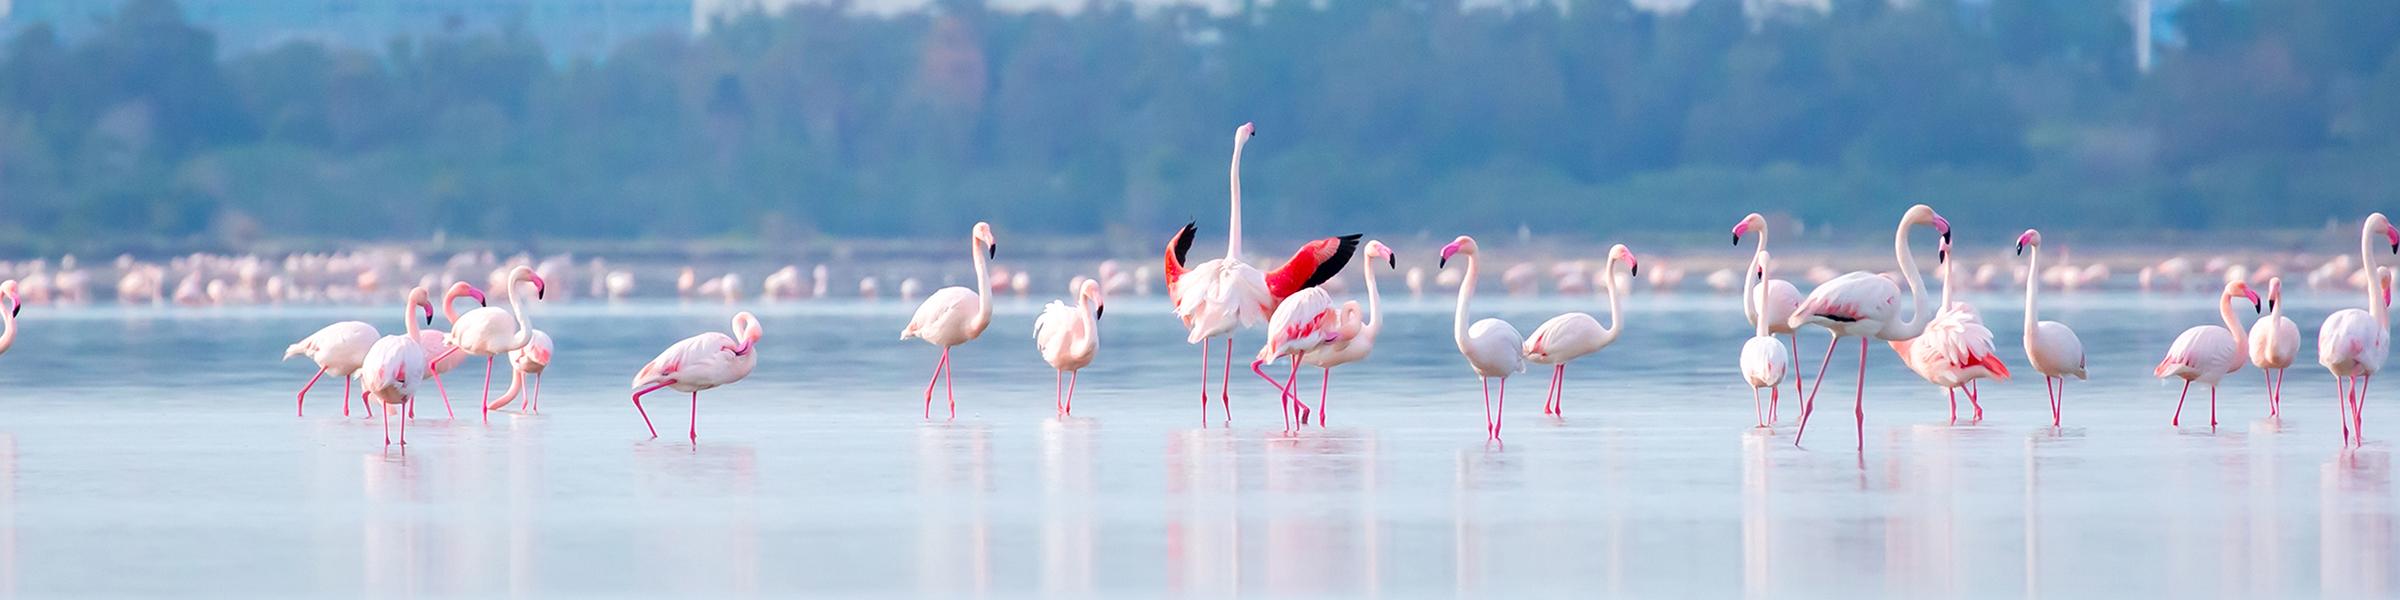 Cyprus Larnaca Salt Lake